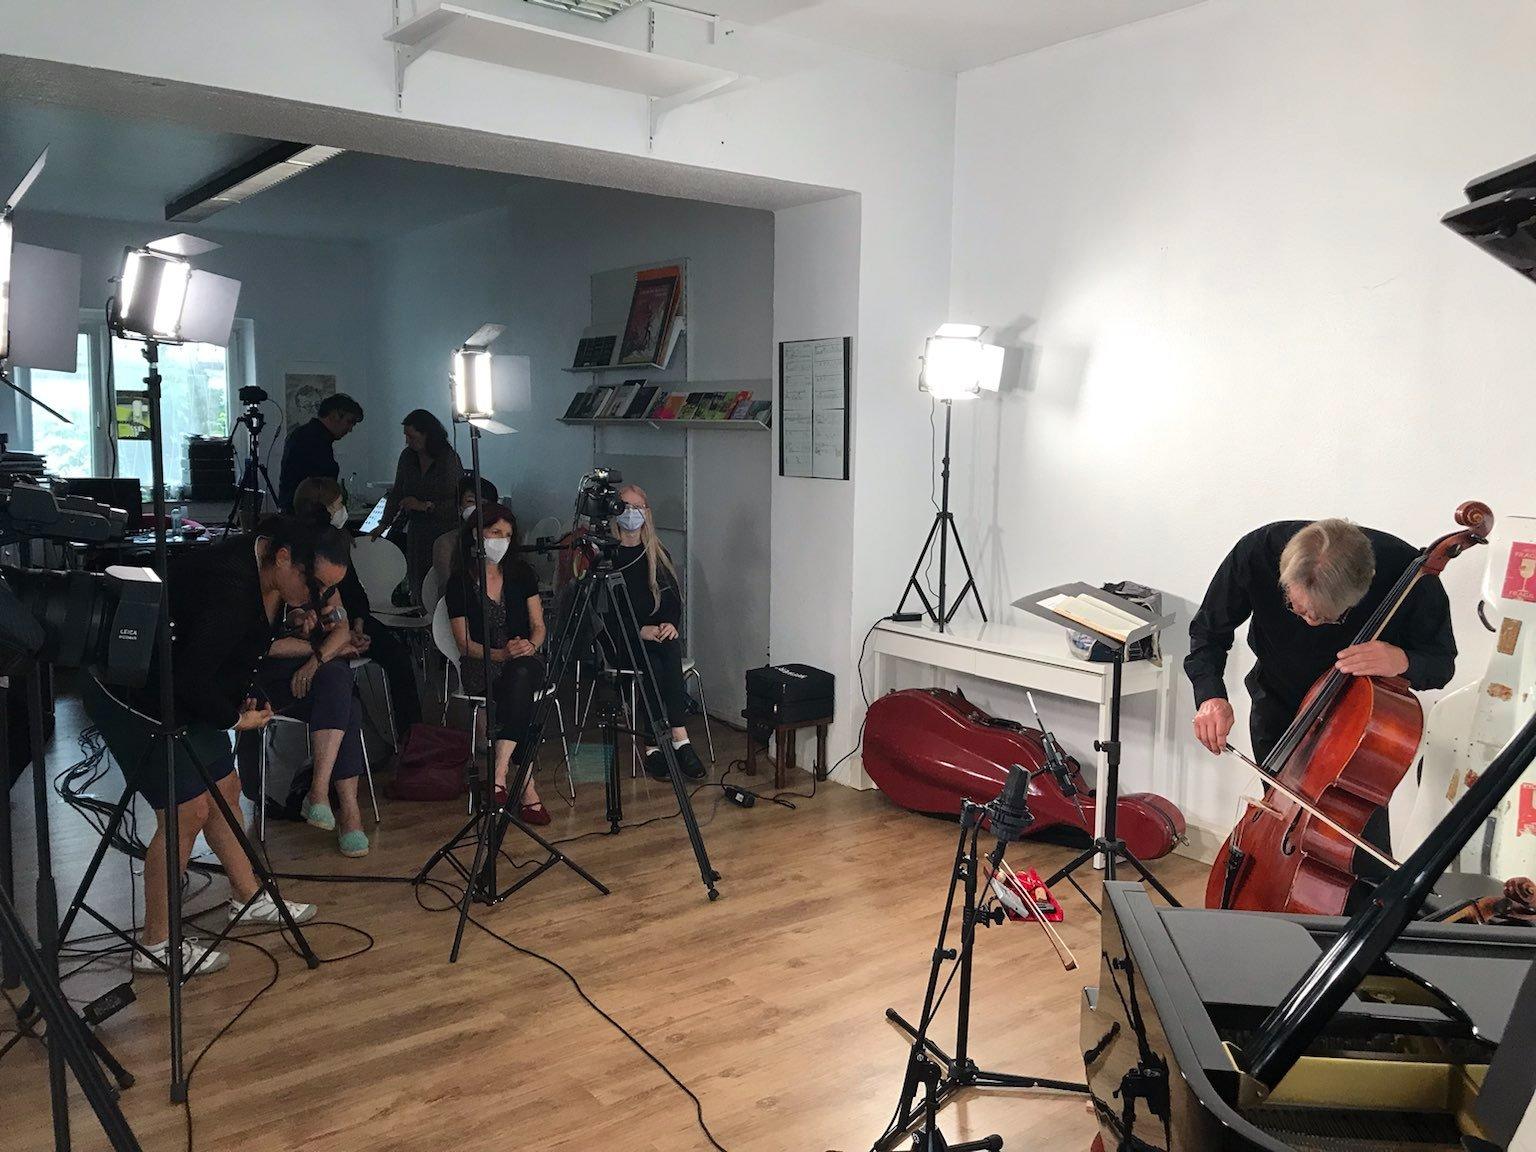 Klangraum innen. Liesmann bereitet sein Cello auf die Klang-Ziselierungen vor (Foto: K. Buck für TD)